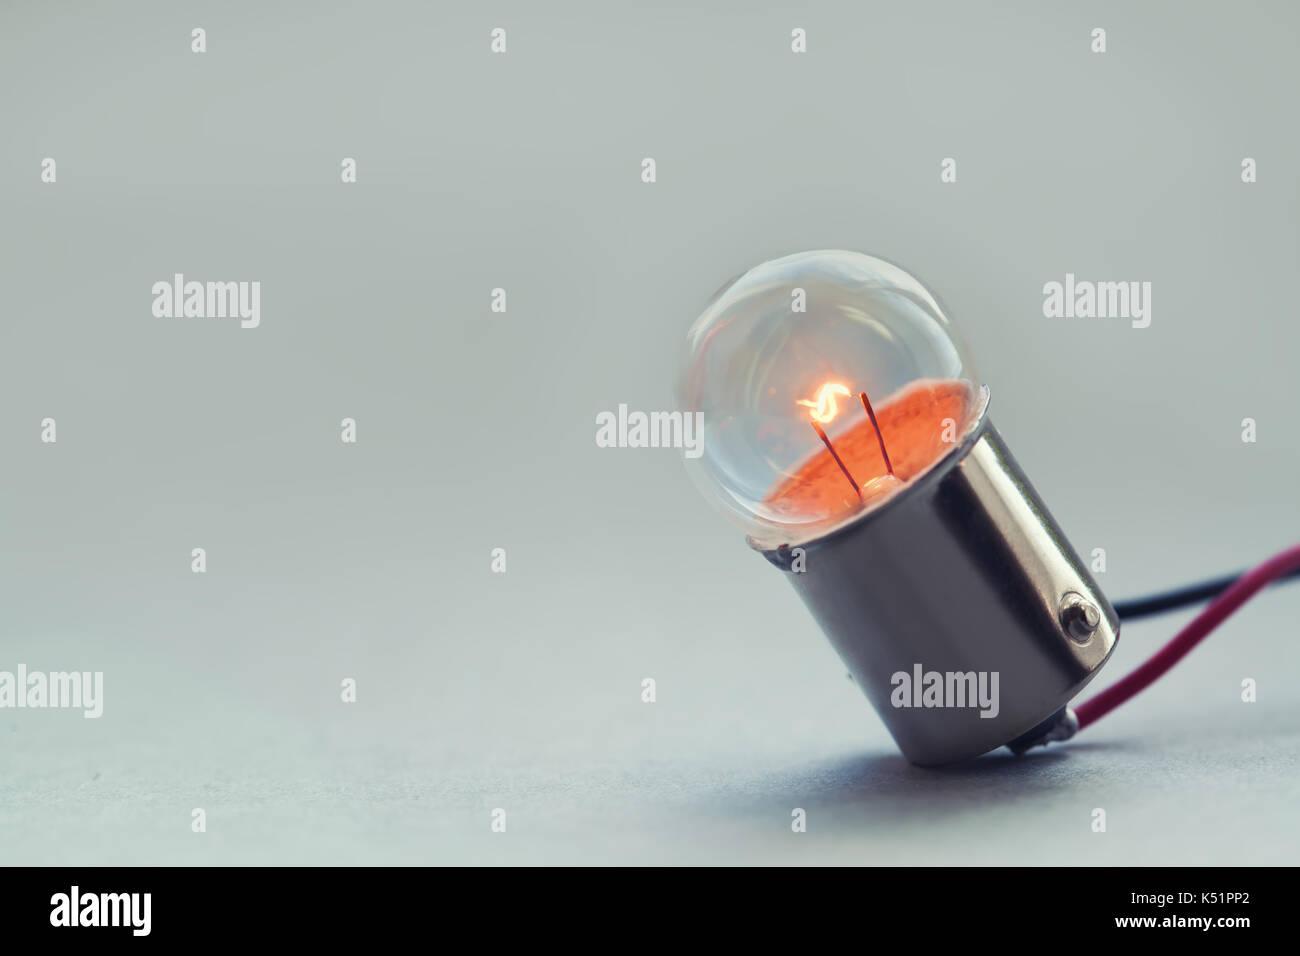 Cerrar la bombilla incandescente, estilo retro lámpara macro vista. Los colores cálidos de fondo. soft Imagen De Stock